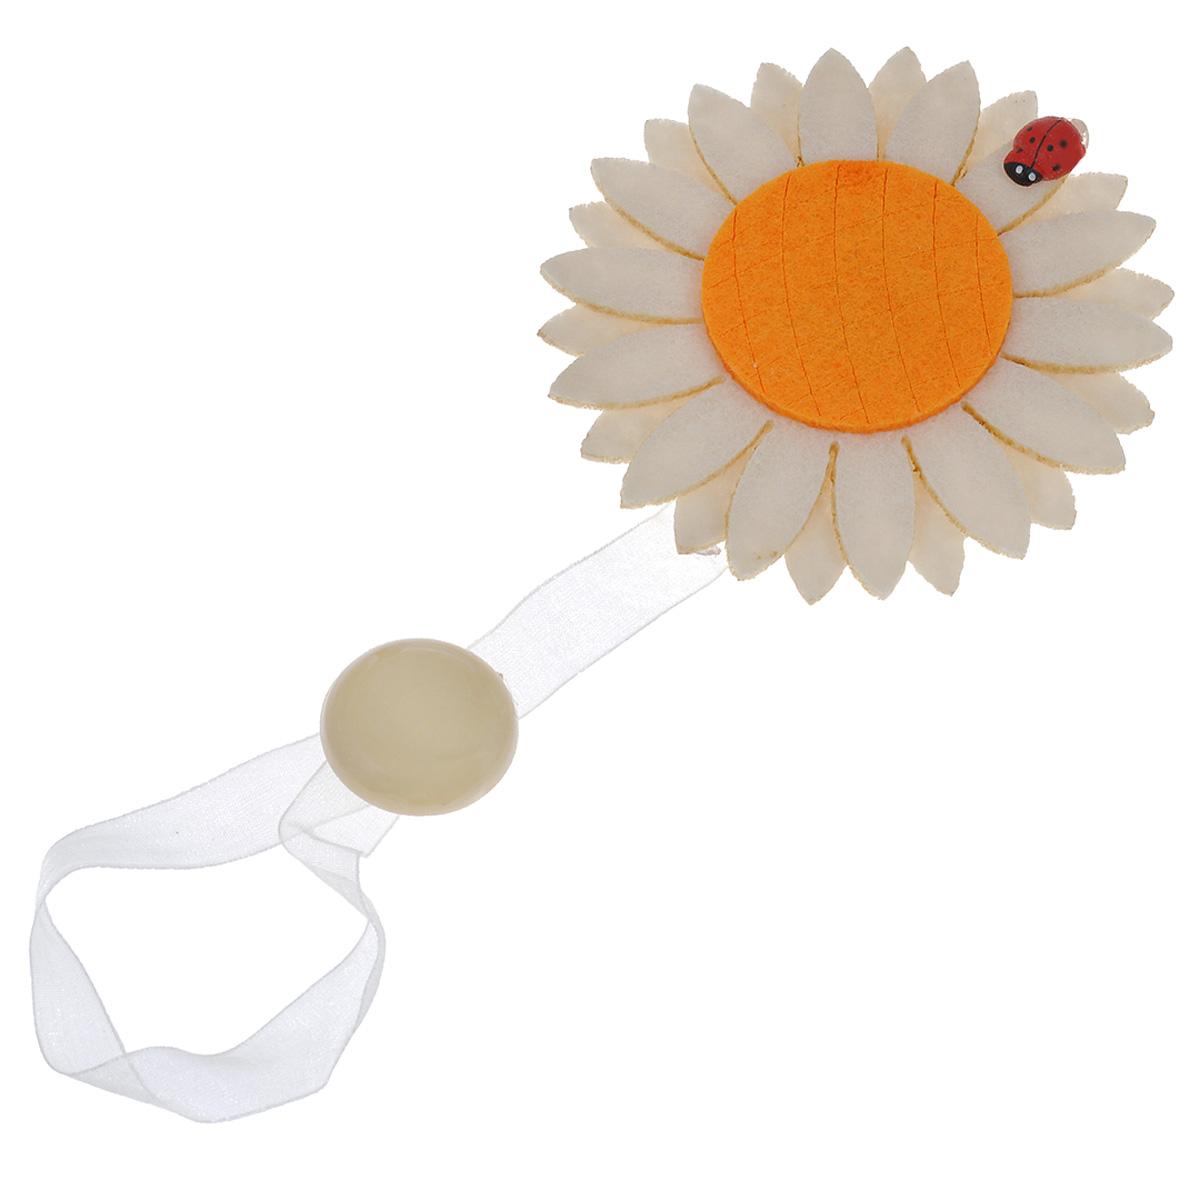 Клипса-магнит для штор Calamita Fiore, цвет: светло-золотистый, оранжевый. 7704012_8637704012_863Клипса-магнит Calamita Fiore, изготовленная из пластика и текстиля, предназначена для придания формы шторам. Изделие представляет собой два магнита, расположенные на разных концах текстильной ленты. Один из магнитов оформлен декоративным цветком. С помощью такой магнитной клипсы можно зафиксировать портьеры, придать им требуемое положение, сделать складки симметричными или приблизить портьеры, скрепить их. Клипсы для штор являются универсальным изделием, которое превосходно подойдет как для штор в детской комнате, так и для штор в гостиной. Следует отметить, что клипсы для штор выполняют не только практическую функцию, но также являются одной из основных деталей декора этого изделия, которая придает шторам восхитительный, стильный внешний вид.Диаметр декоративного цветка: 9 см.Диаметр магнита: 2,5 см.Длина ленты: 28 см.